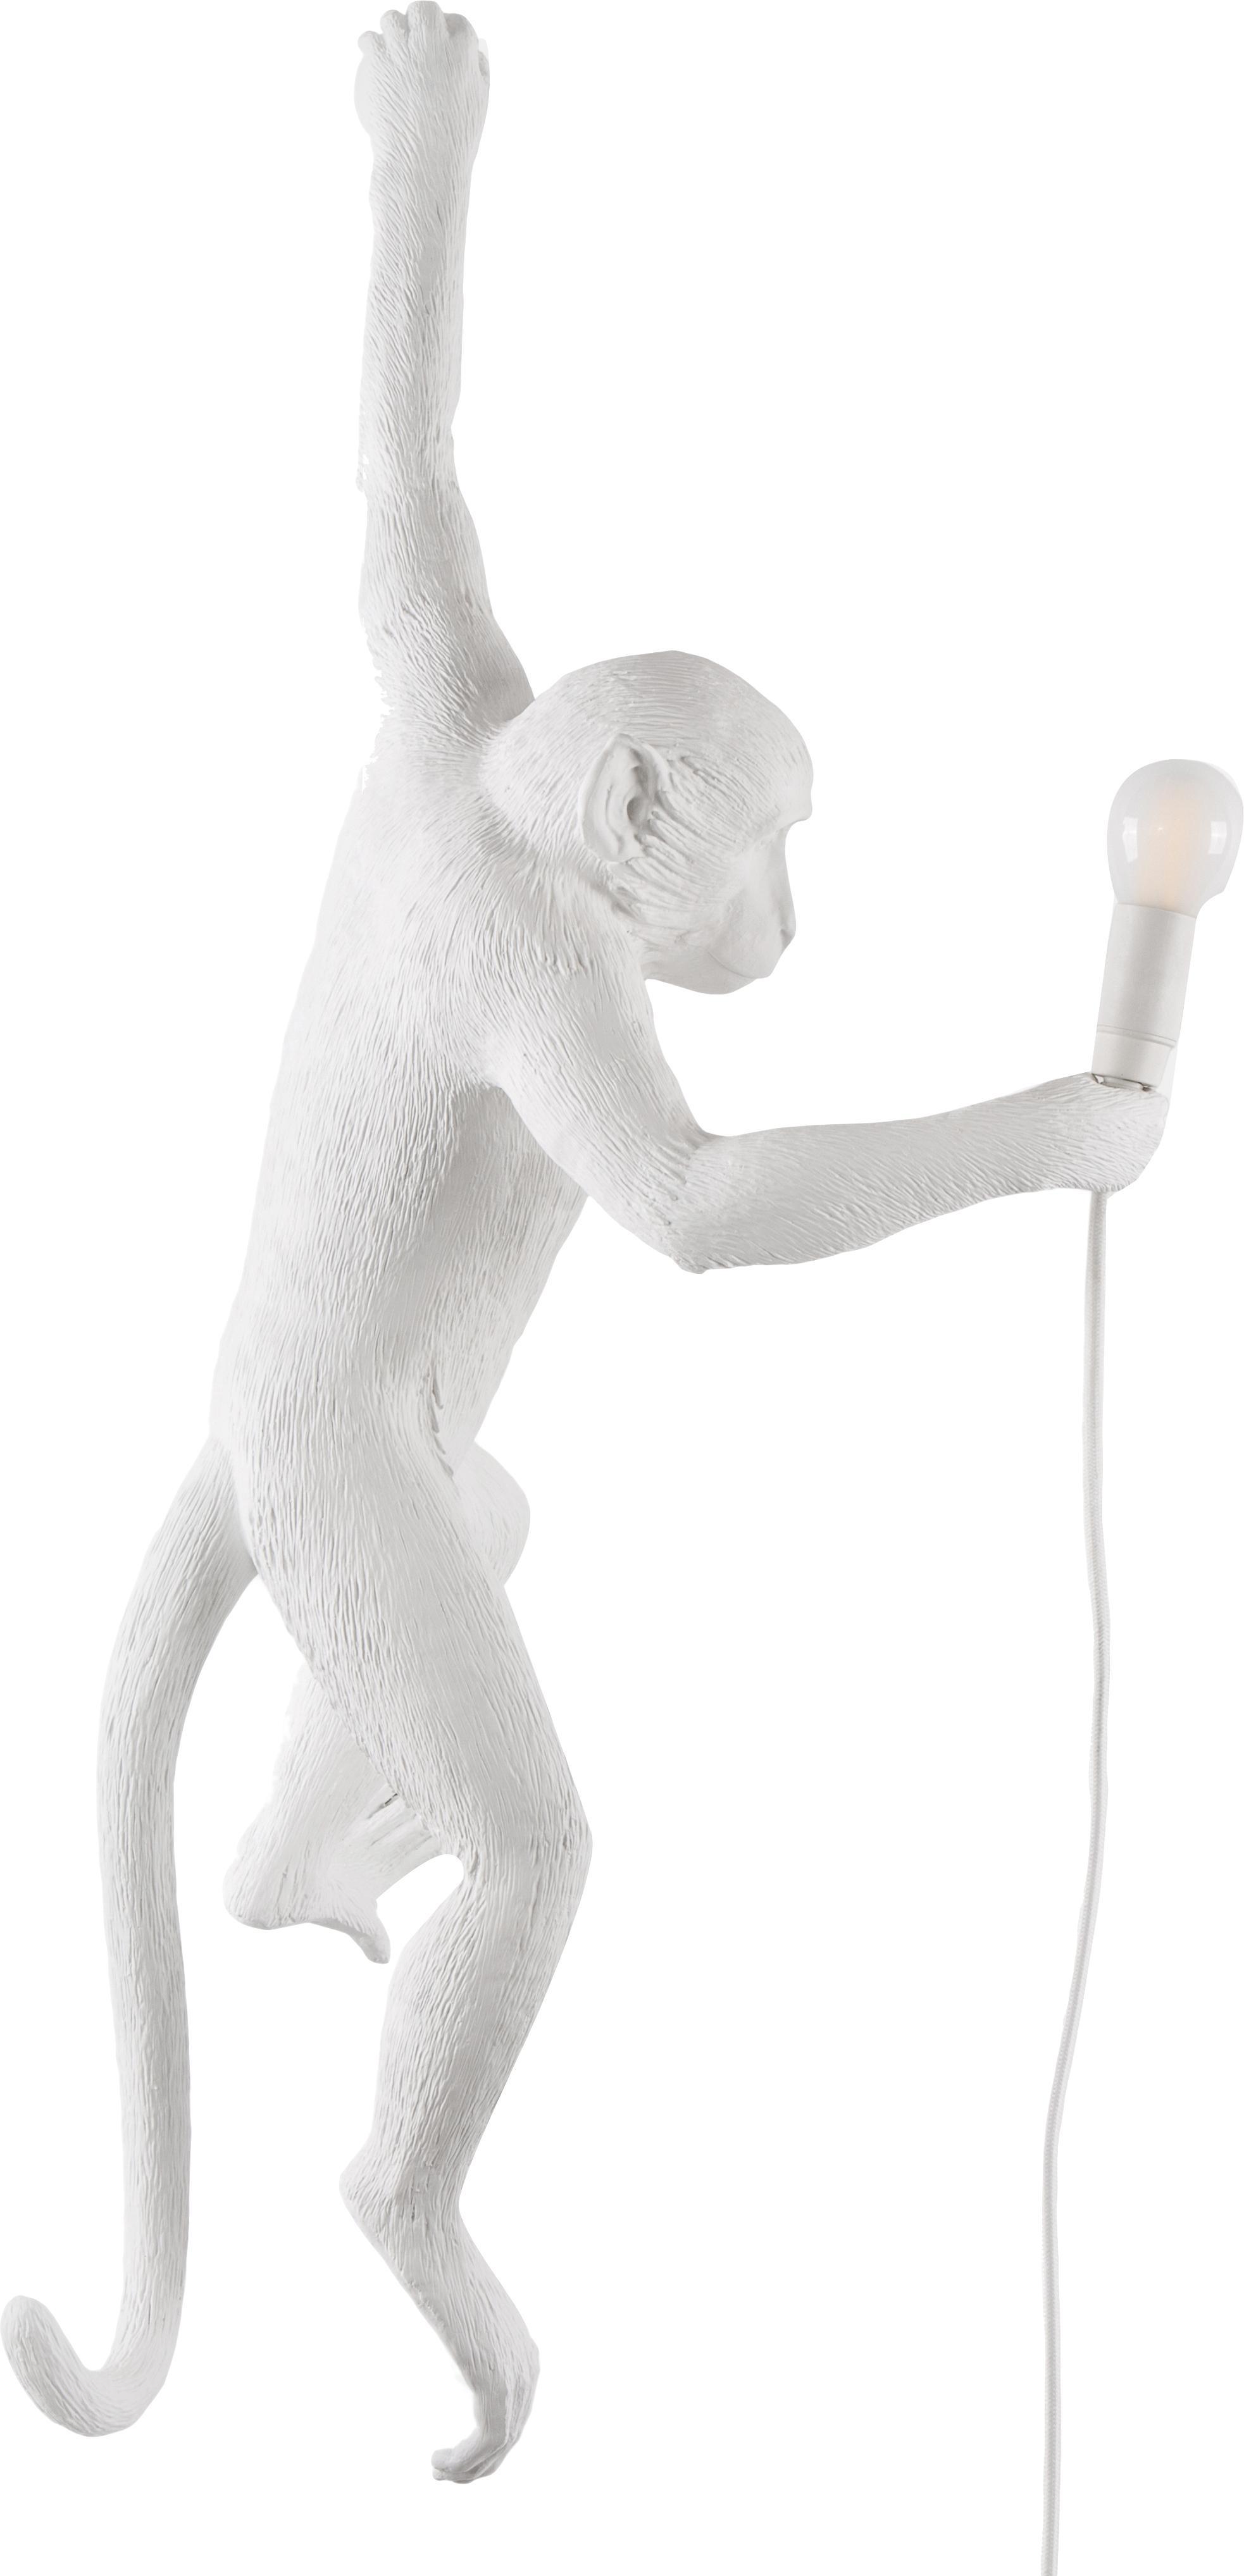 Wandleuchte Monkey mit Stecker, Kunstharz, Weiß, 77 x 37 cm